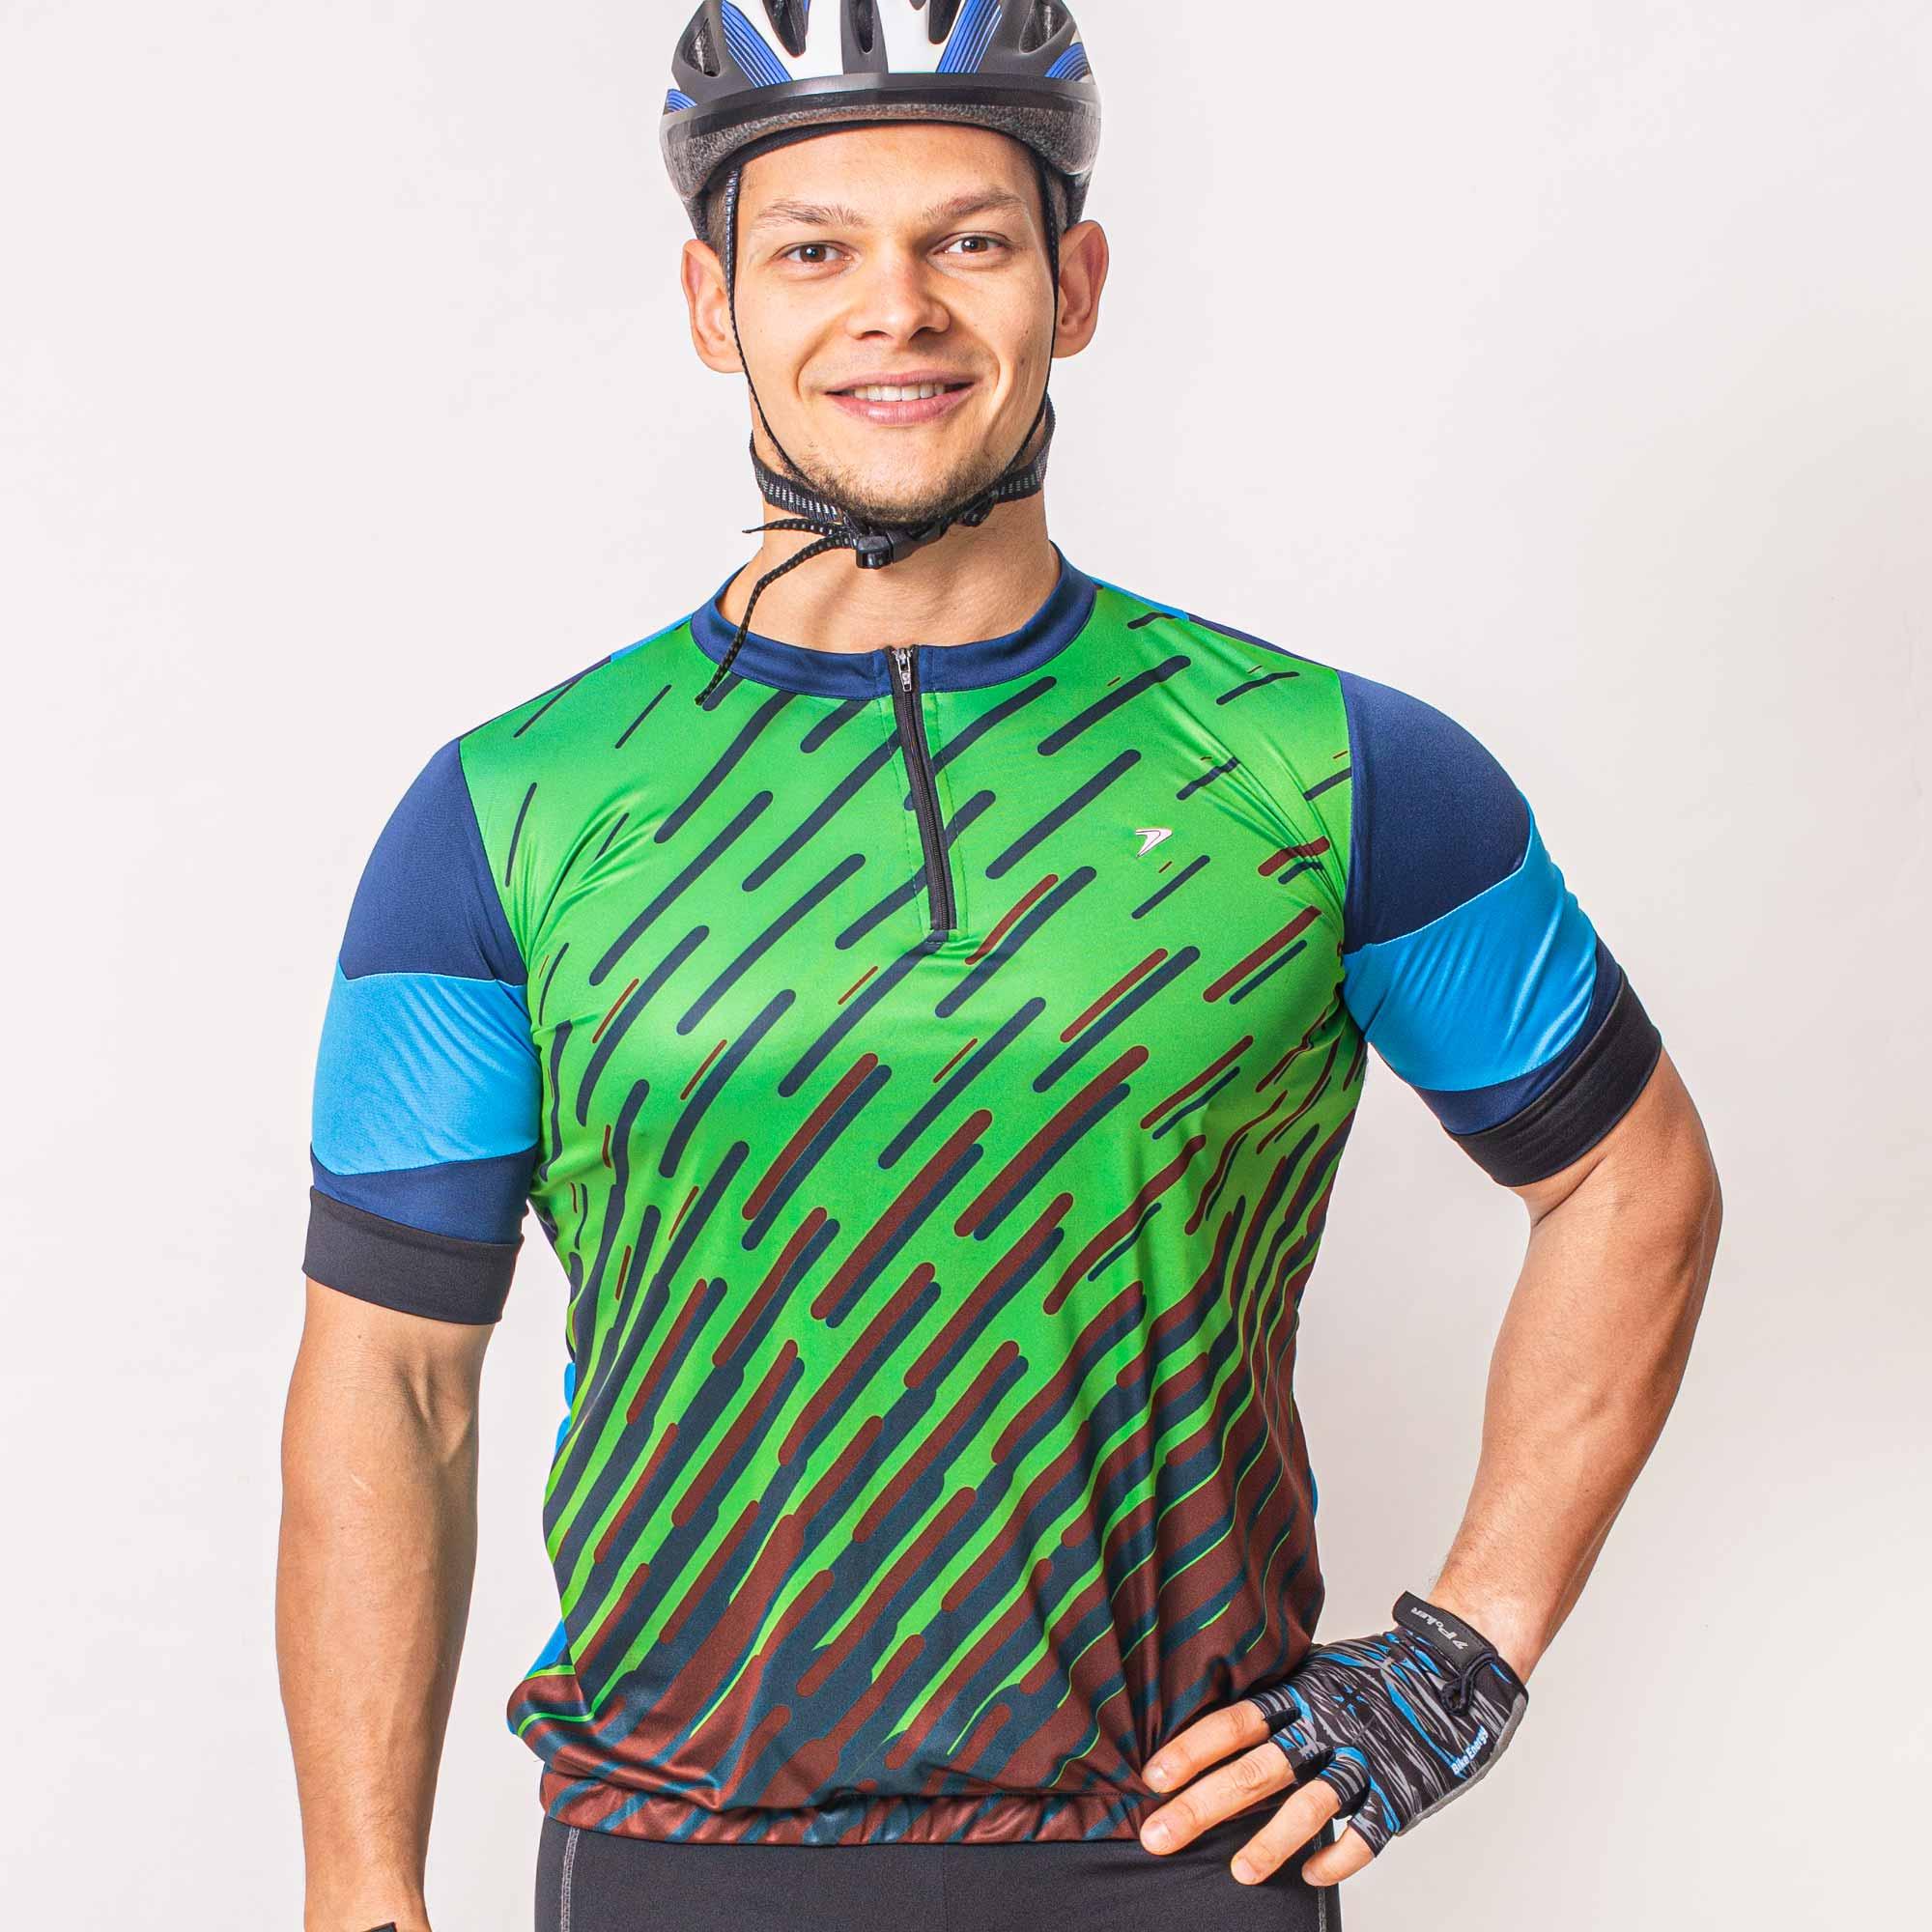 Camisa Ciclista com Zíper Nimble 04208